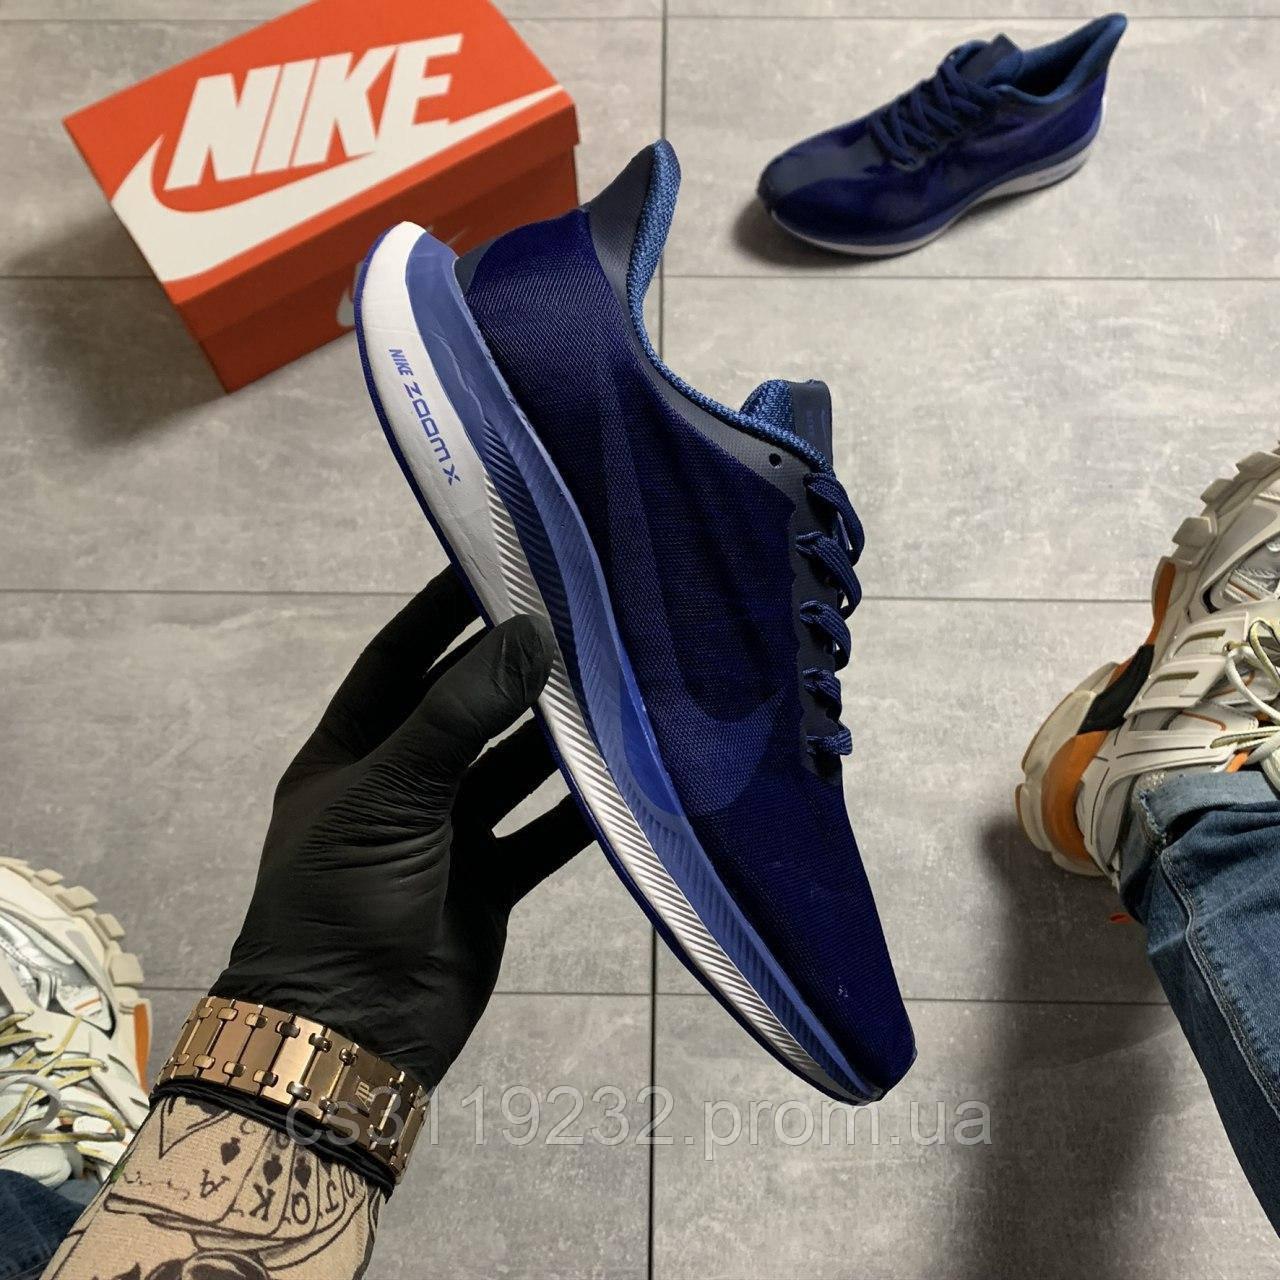 Мужские кроссовки Nike Zoom Turbo 35 Blue (синие)